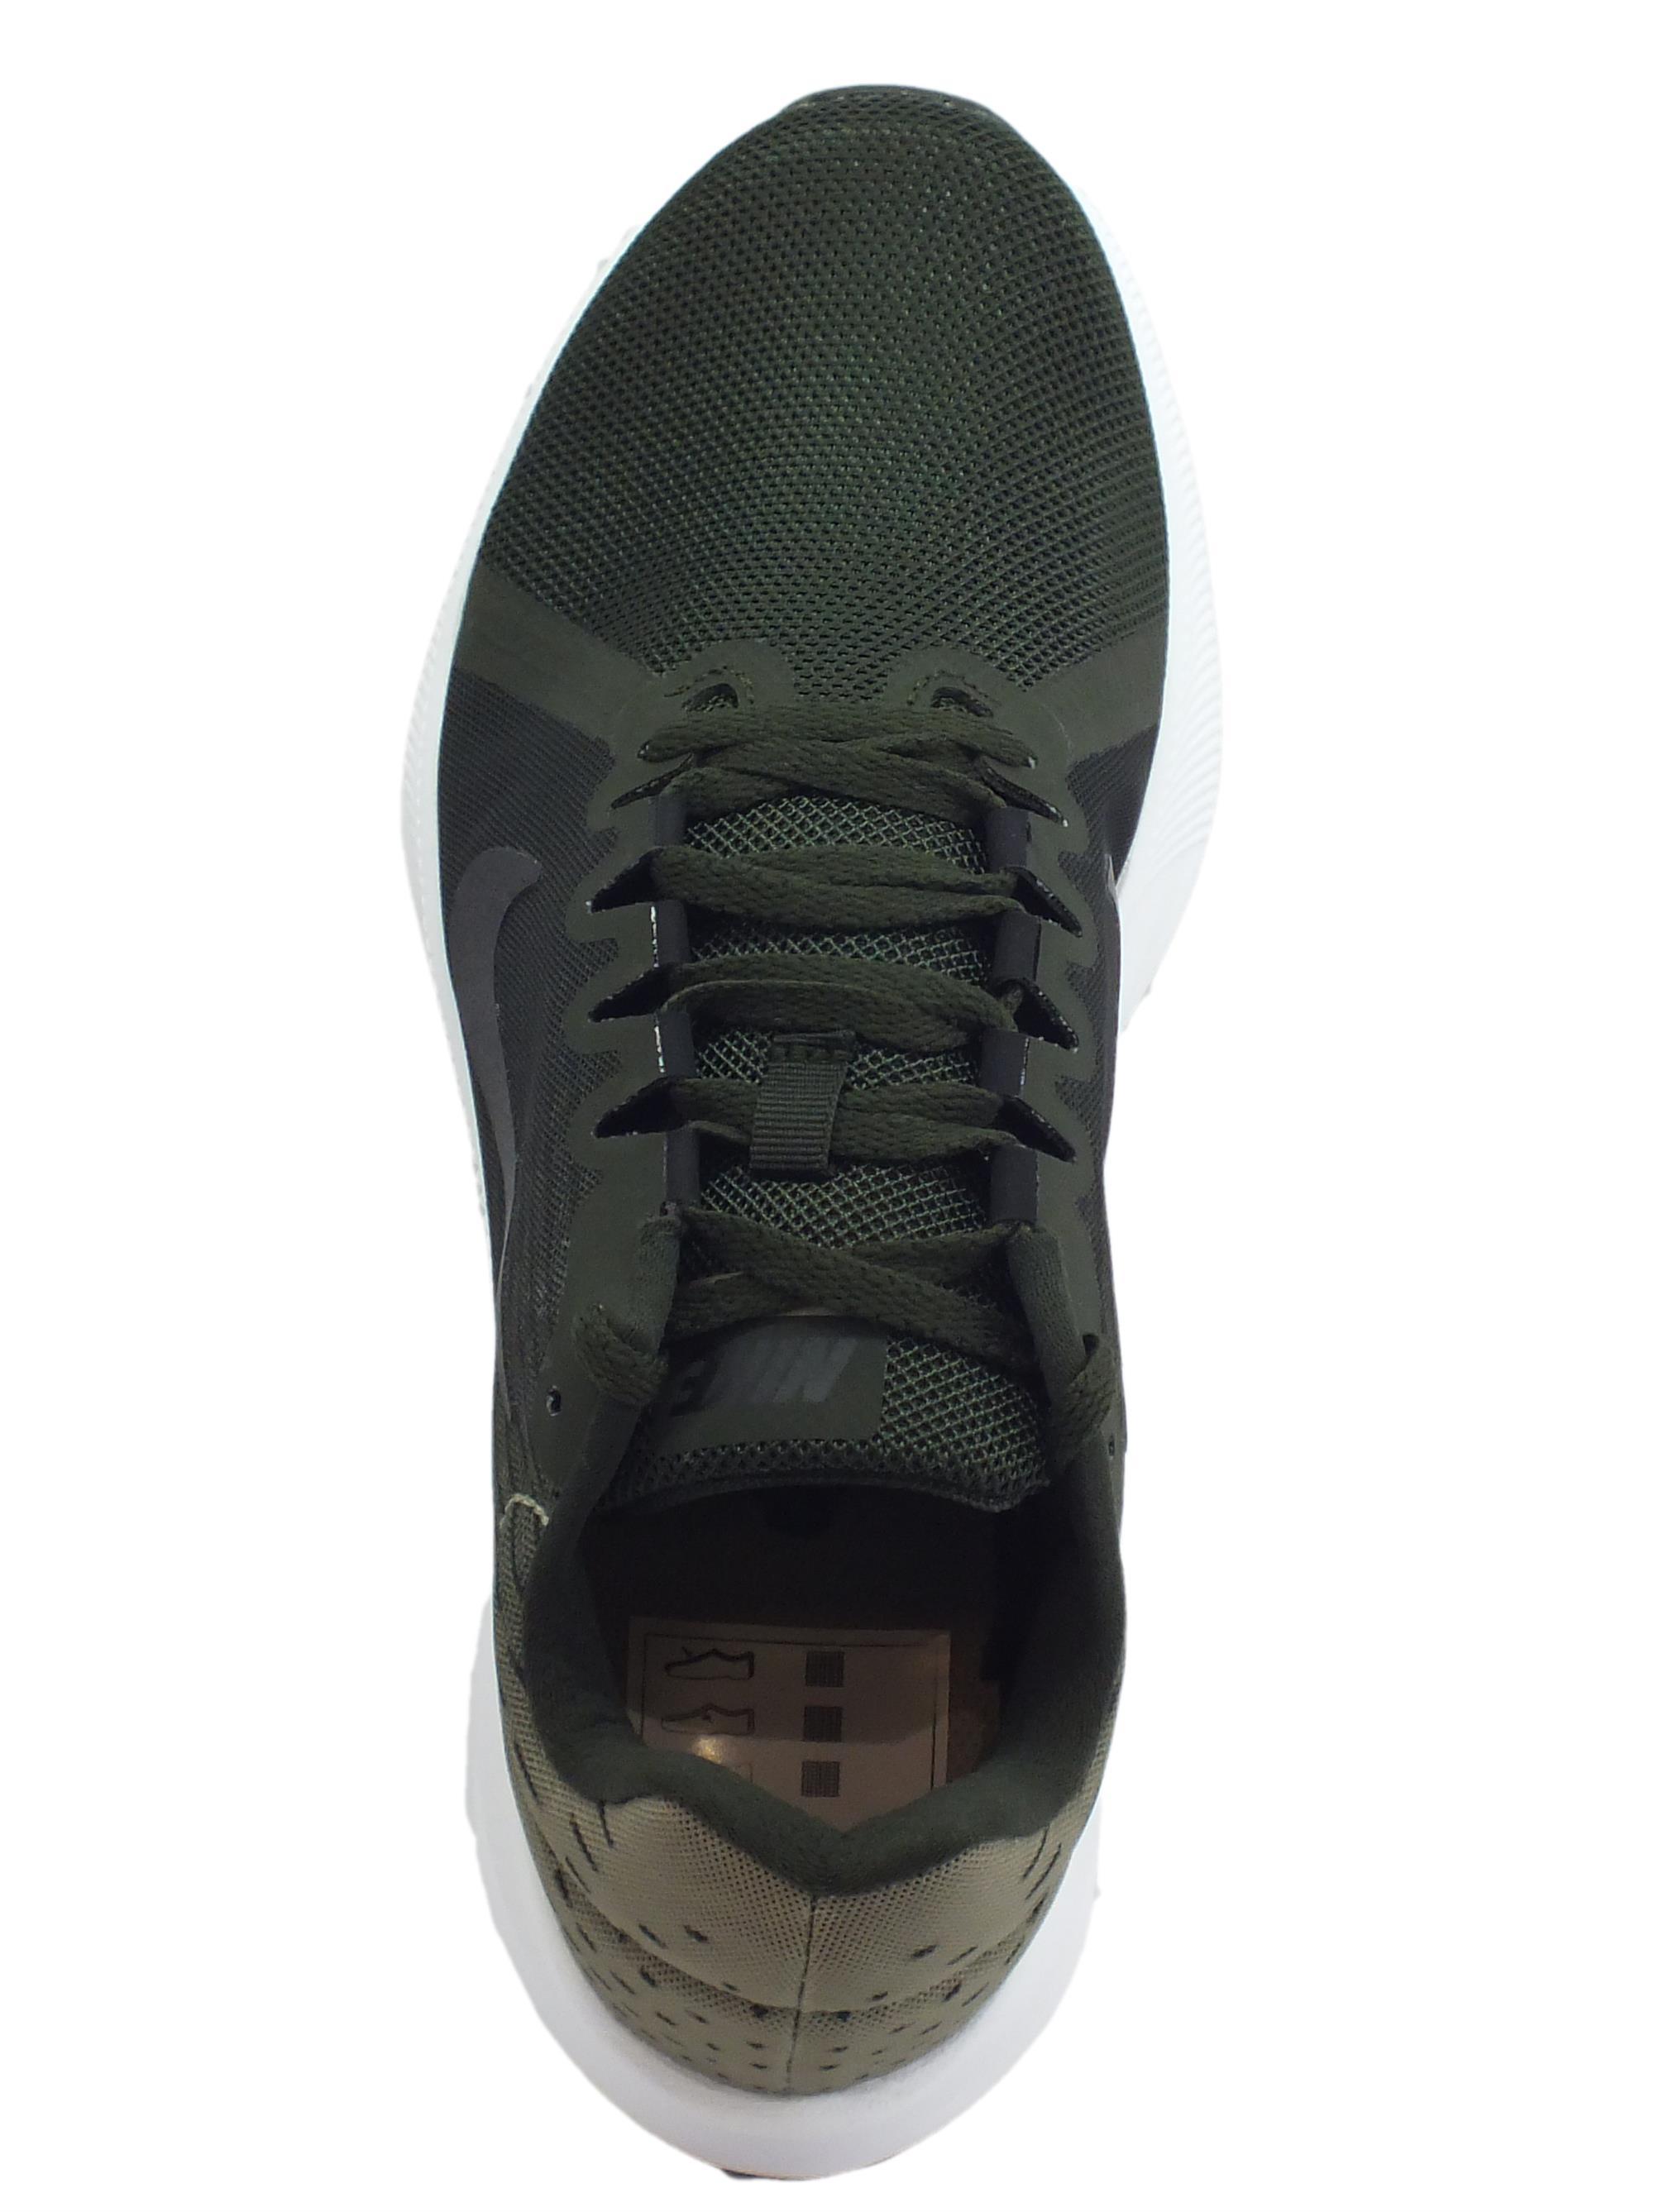 ... Scarpe sportive Nike DownShifter 8 per uomo in tessuto verde scuro 6bfded6ad09